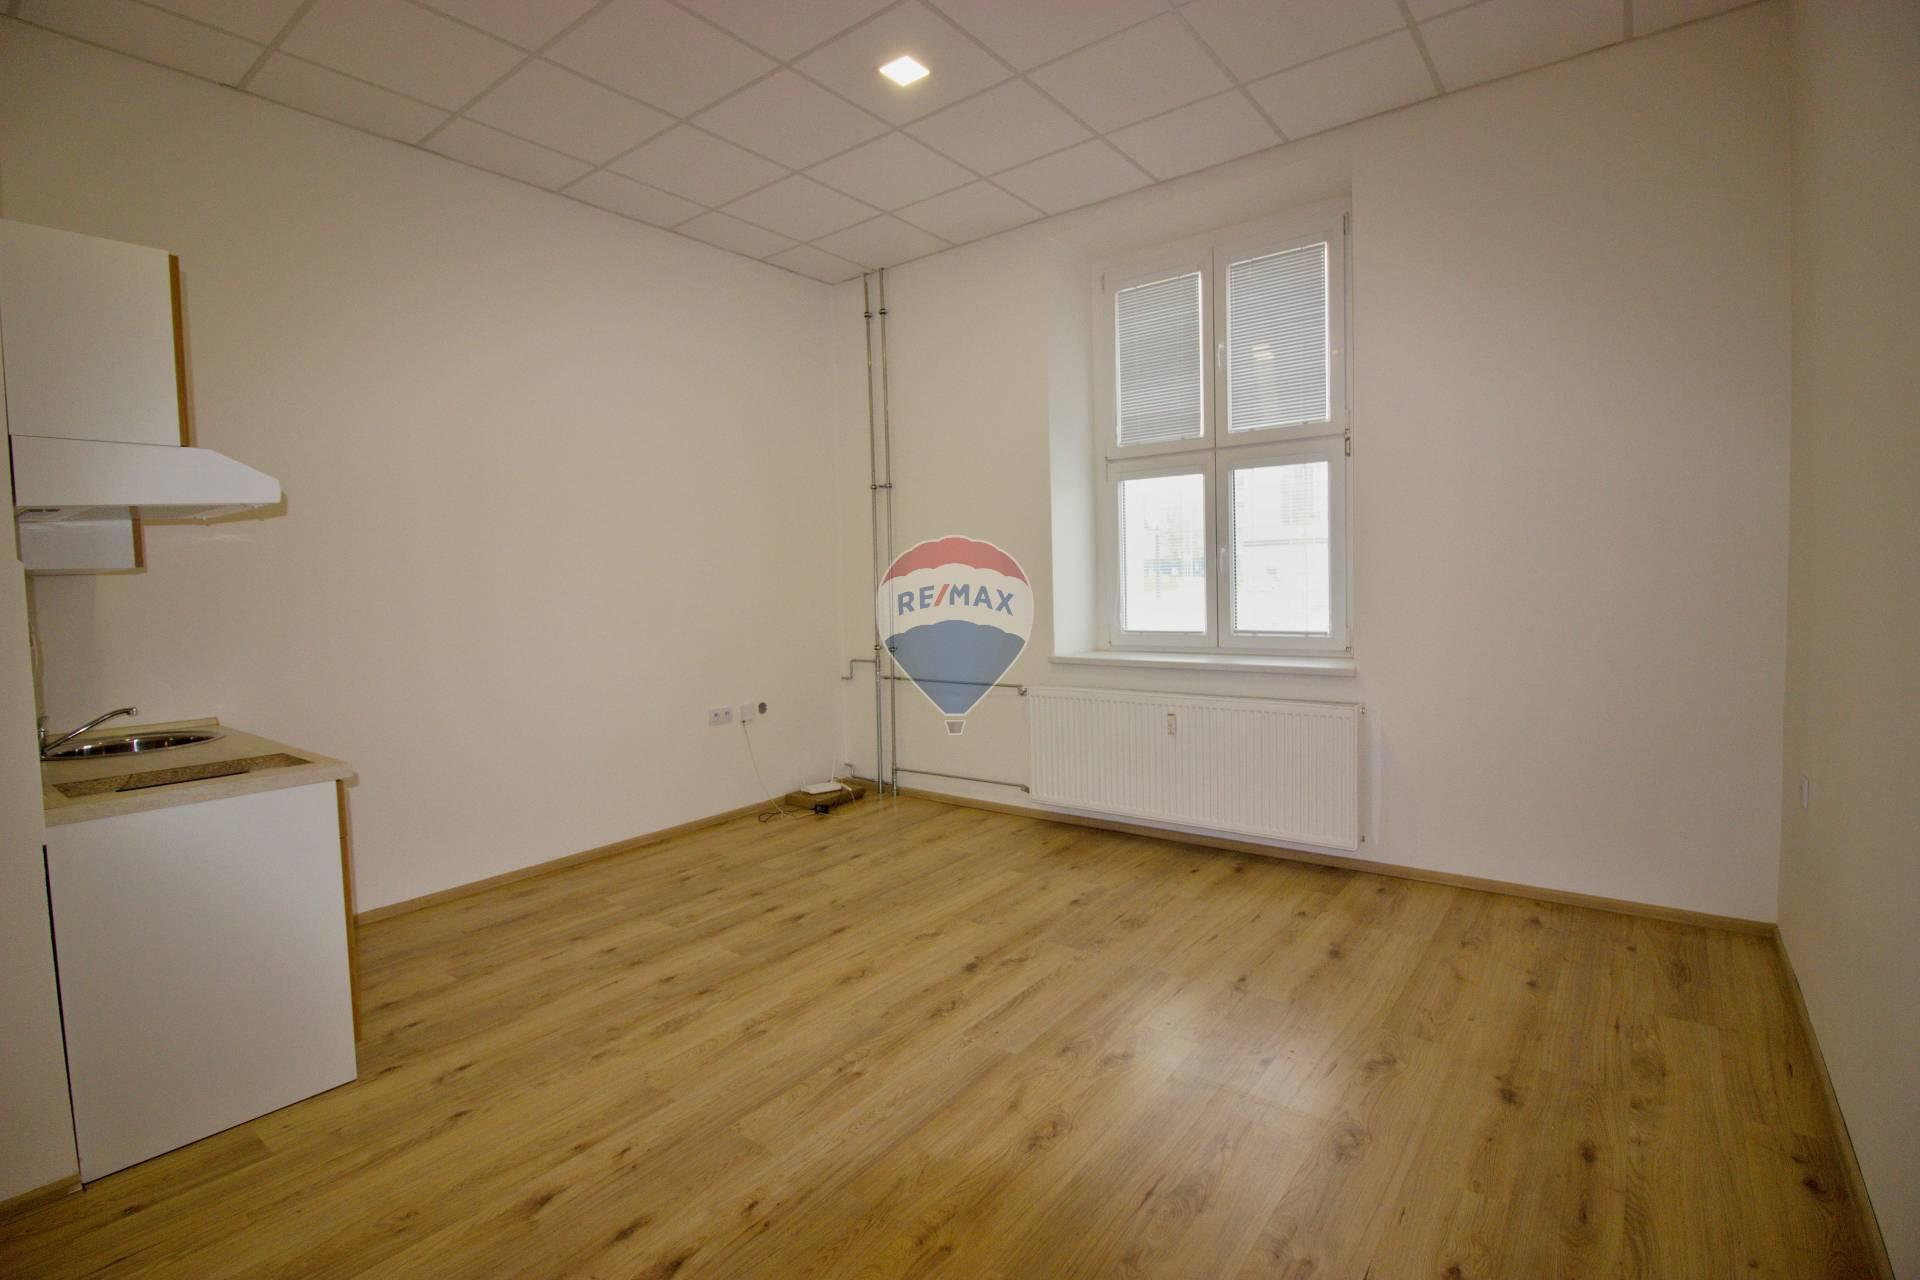 Prenájom 1-izbového bytu č.3.14-rozloha 30,35m2, Nové Mesto nad Váhom